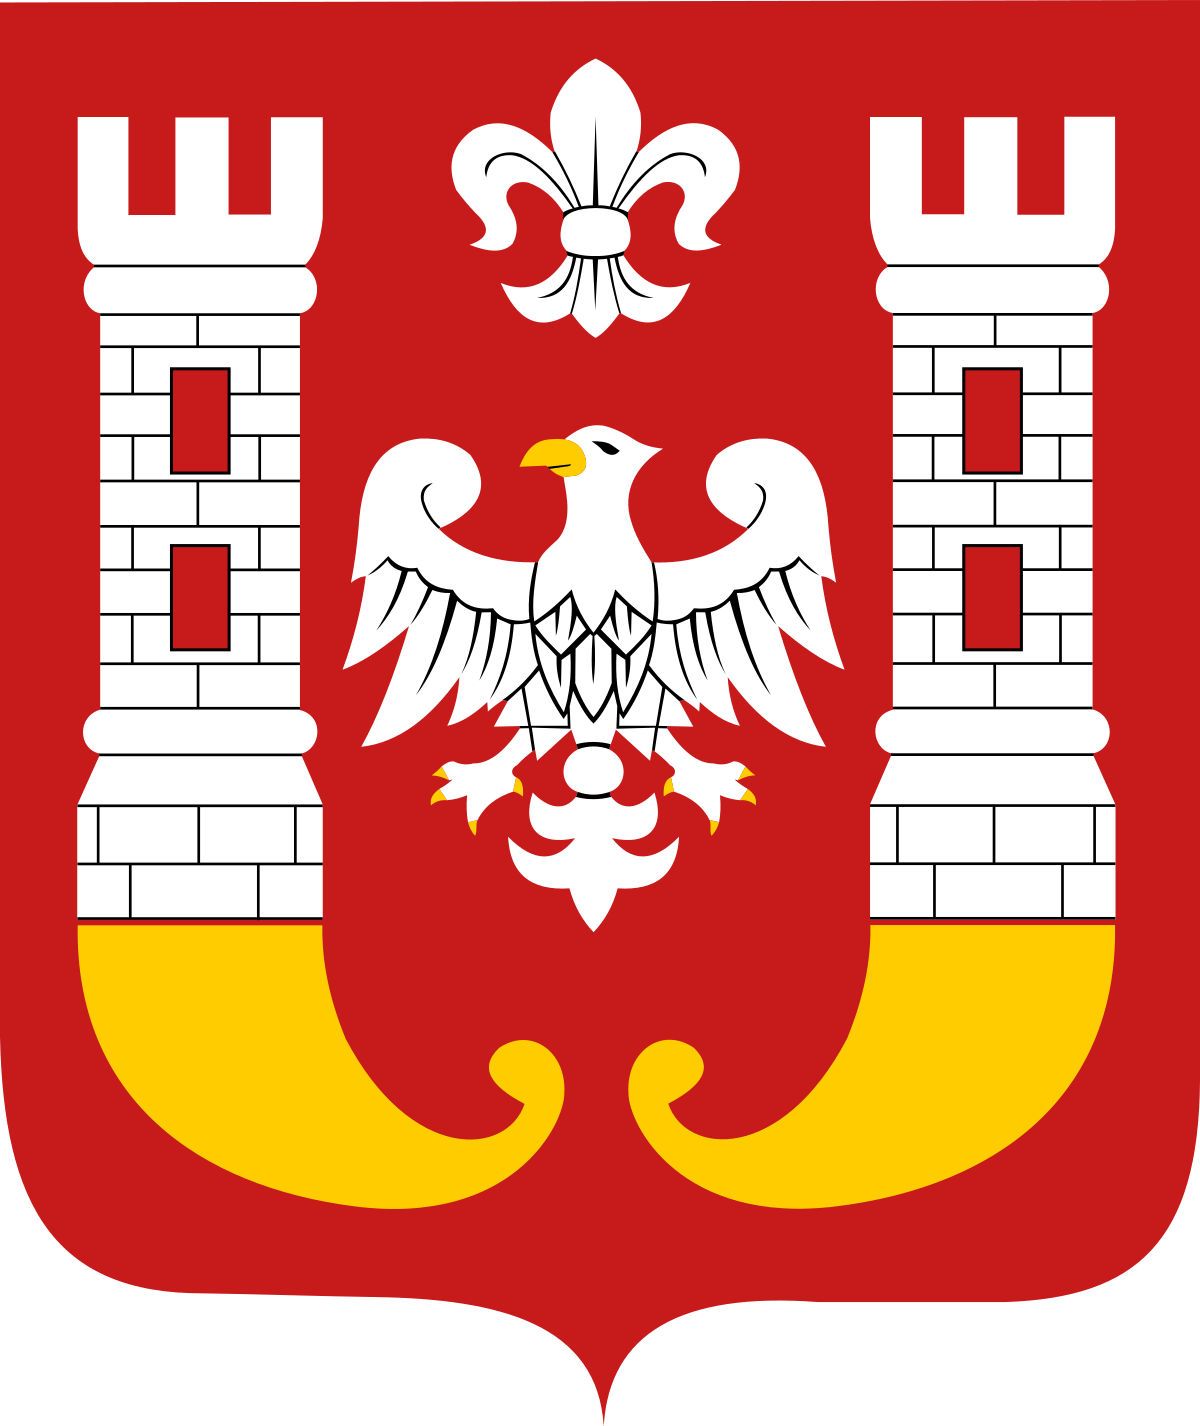 Herb miasta Inowrocław